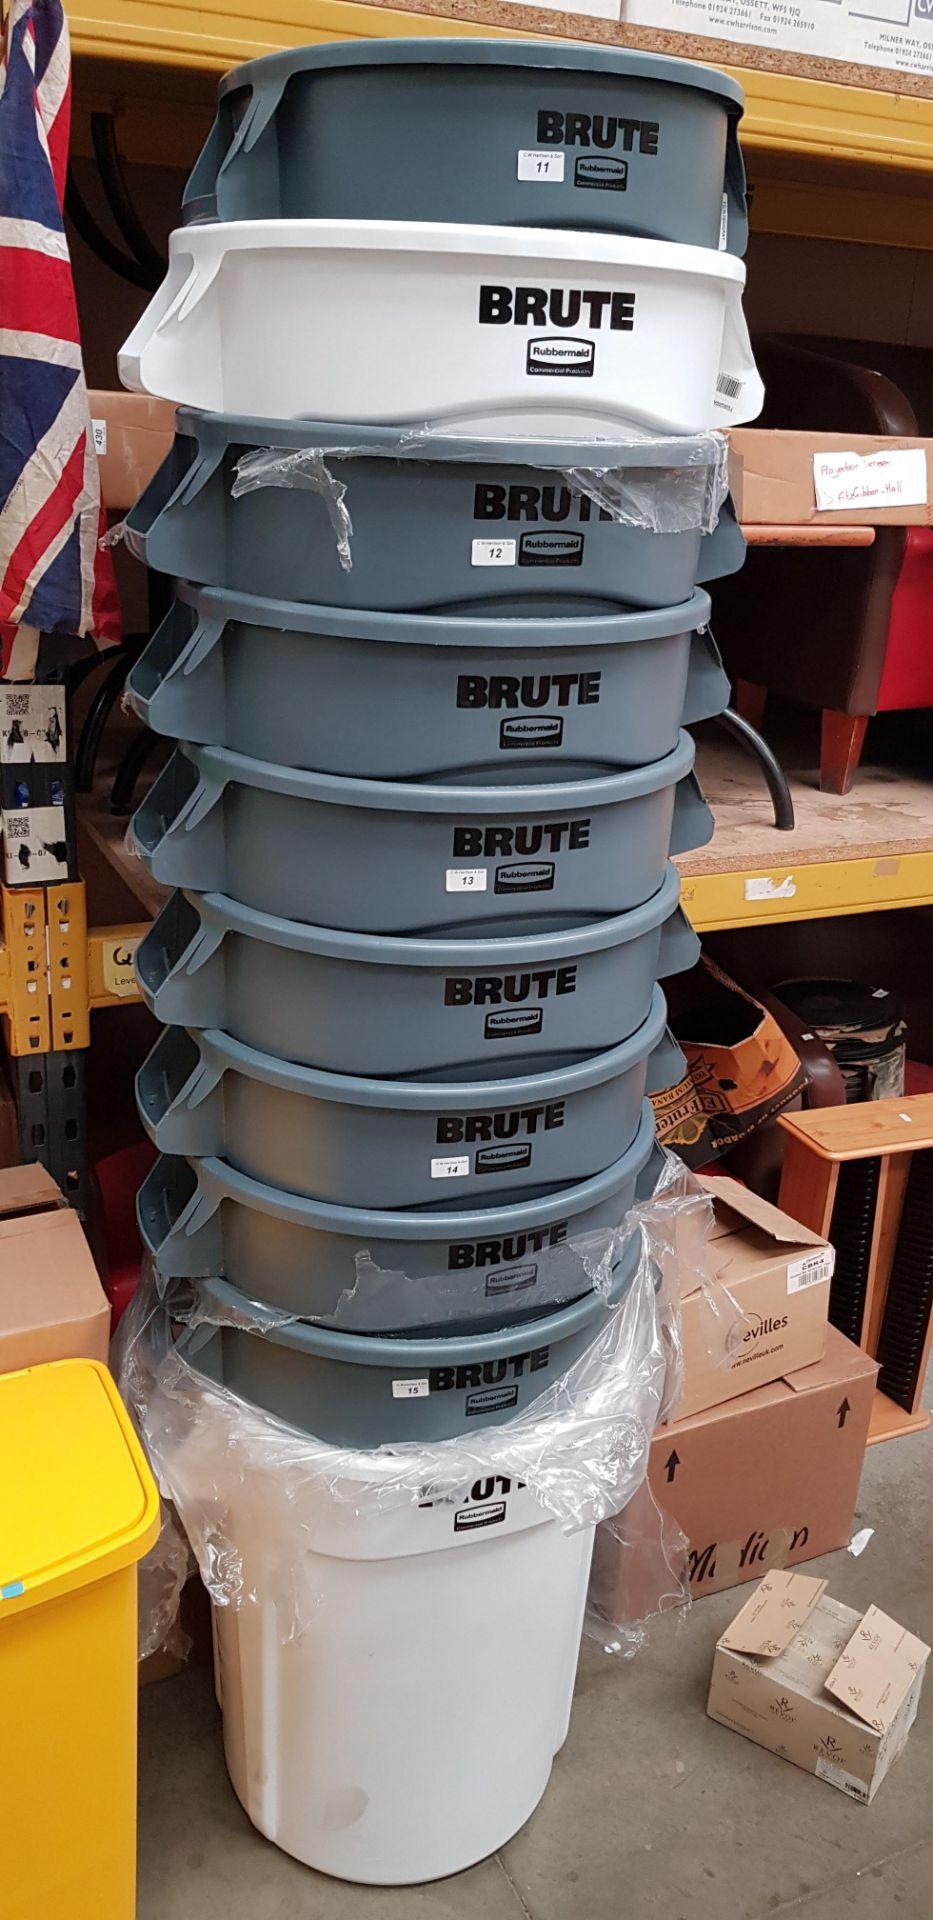 Lot 15 - 2 X RUBBERMAID BRUTE BINS: 121.1L, FG263200GREY & 121.